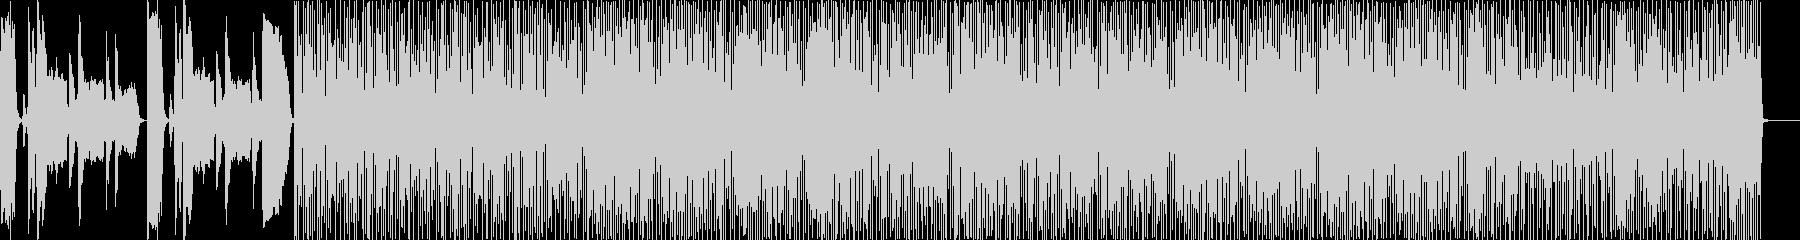 カーニバル音楽の未再生の波形